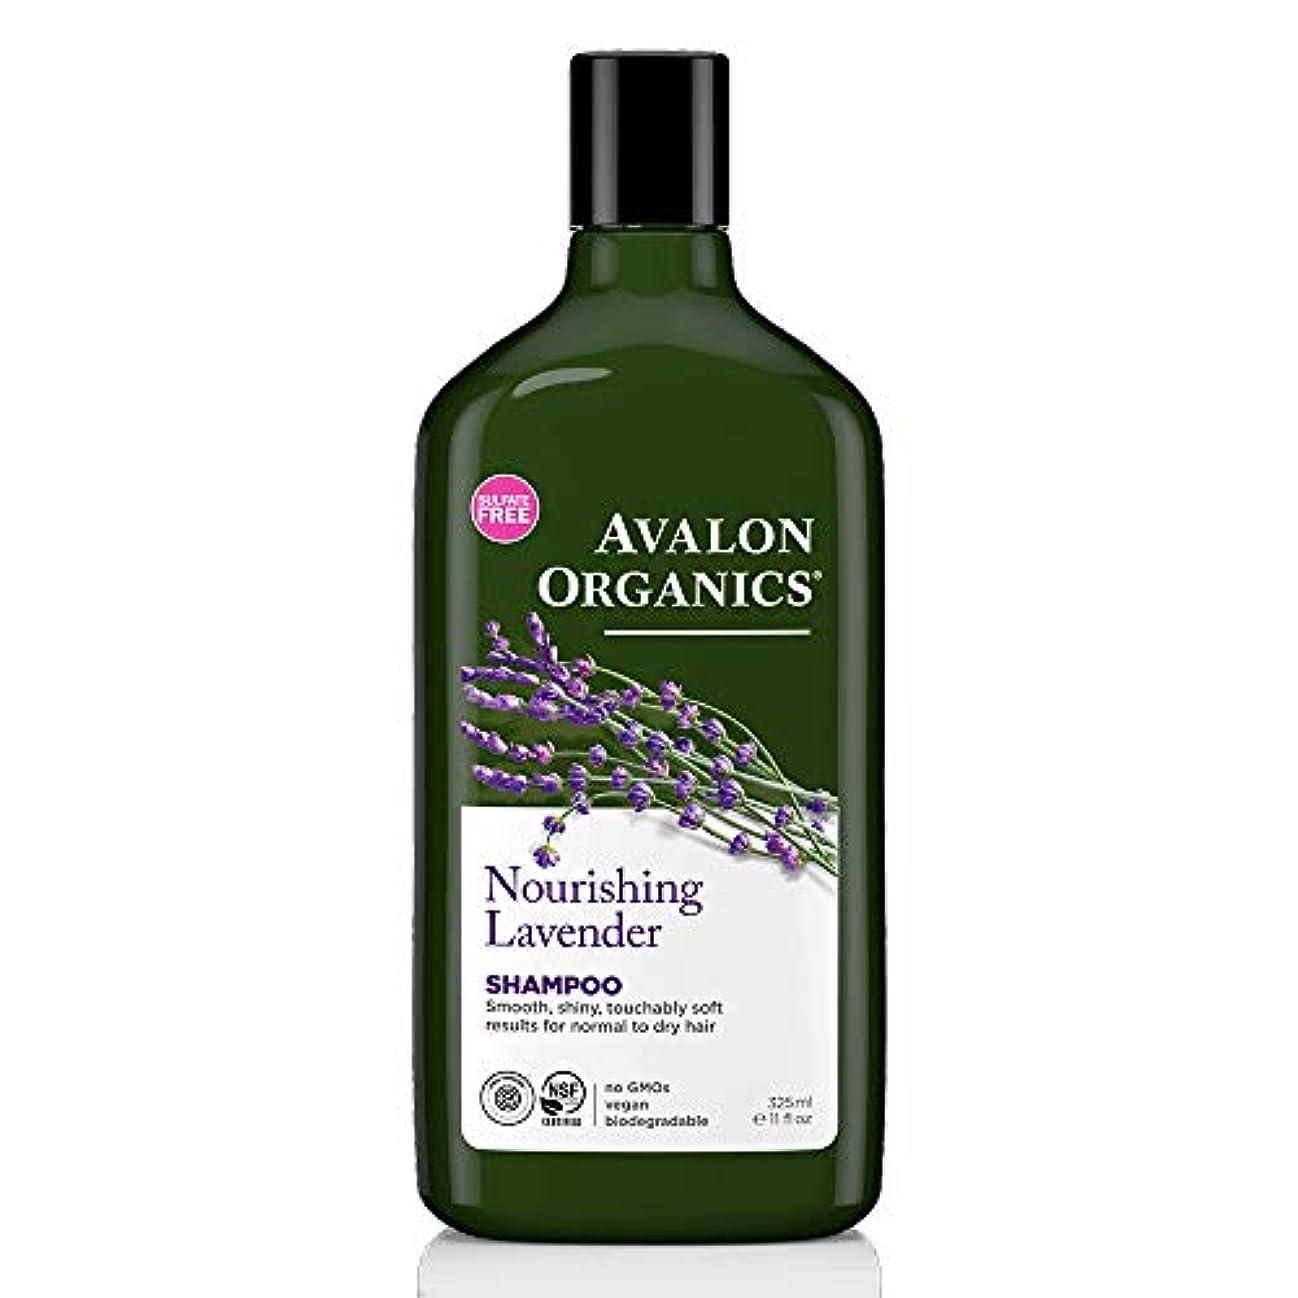 慰め自宅でフルーツ野菜AVALON ORGANICS アバロンオーガニクス シャンプー ラベンダー 325ml